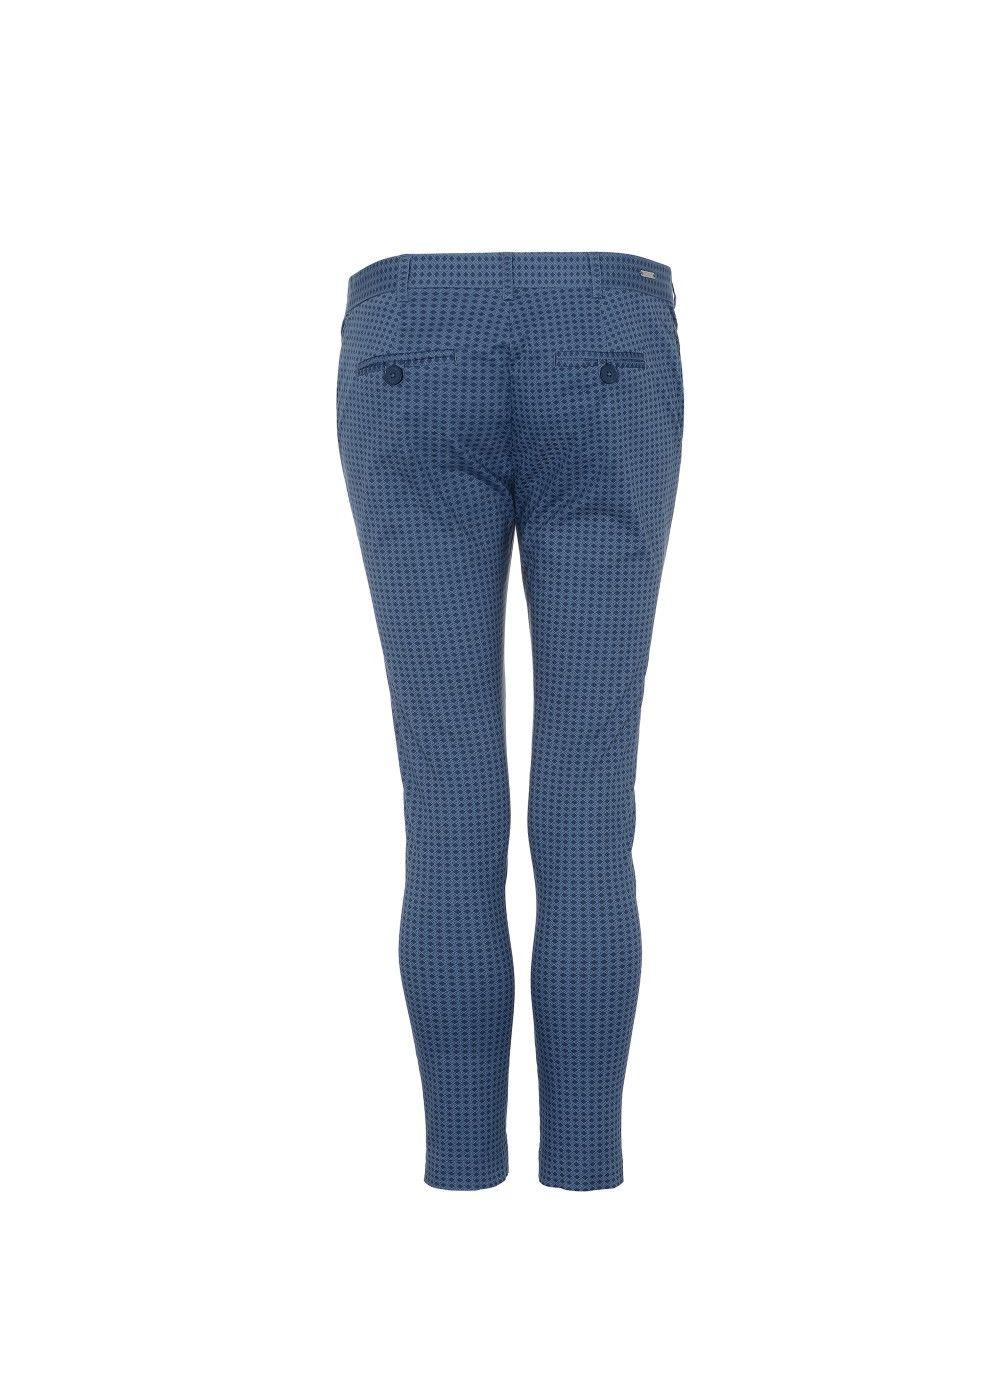 Spodnie damskie SPODT-0022-61(W18)